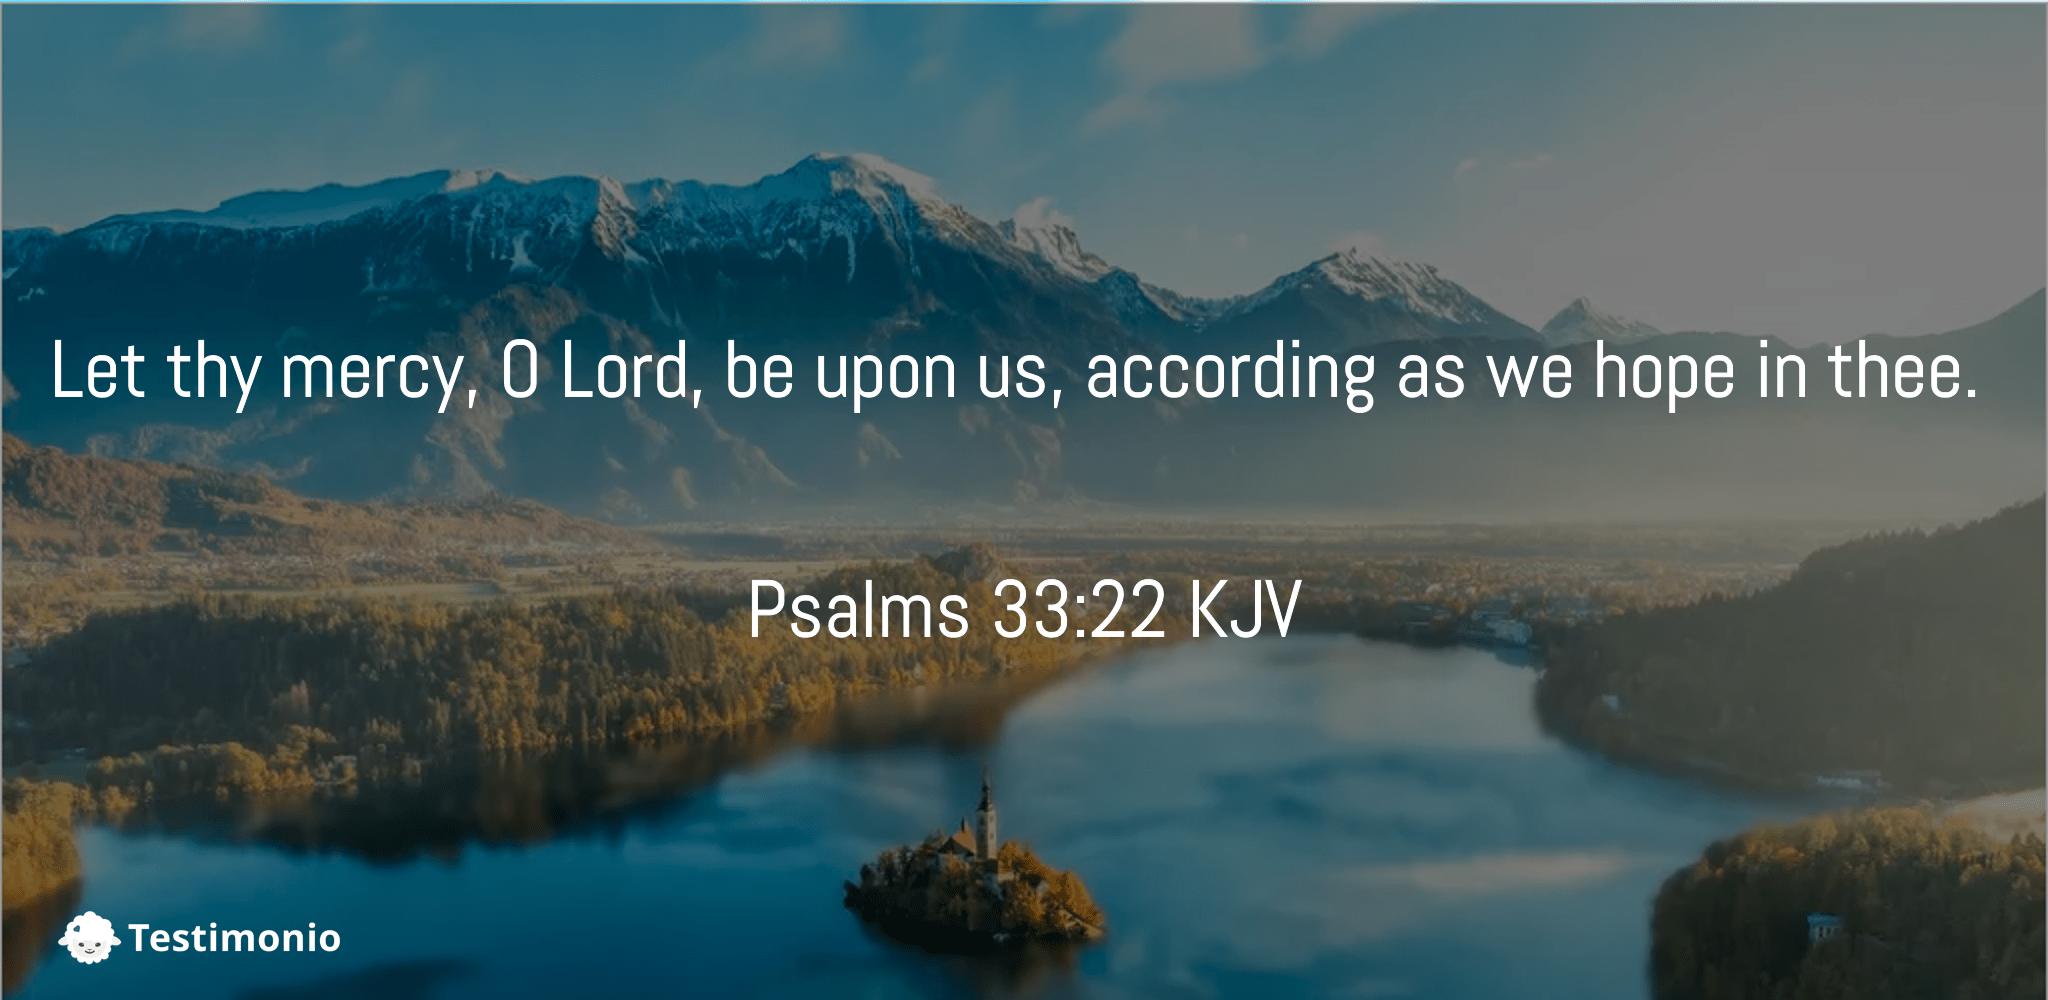 Psalms 33:22